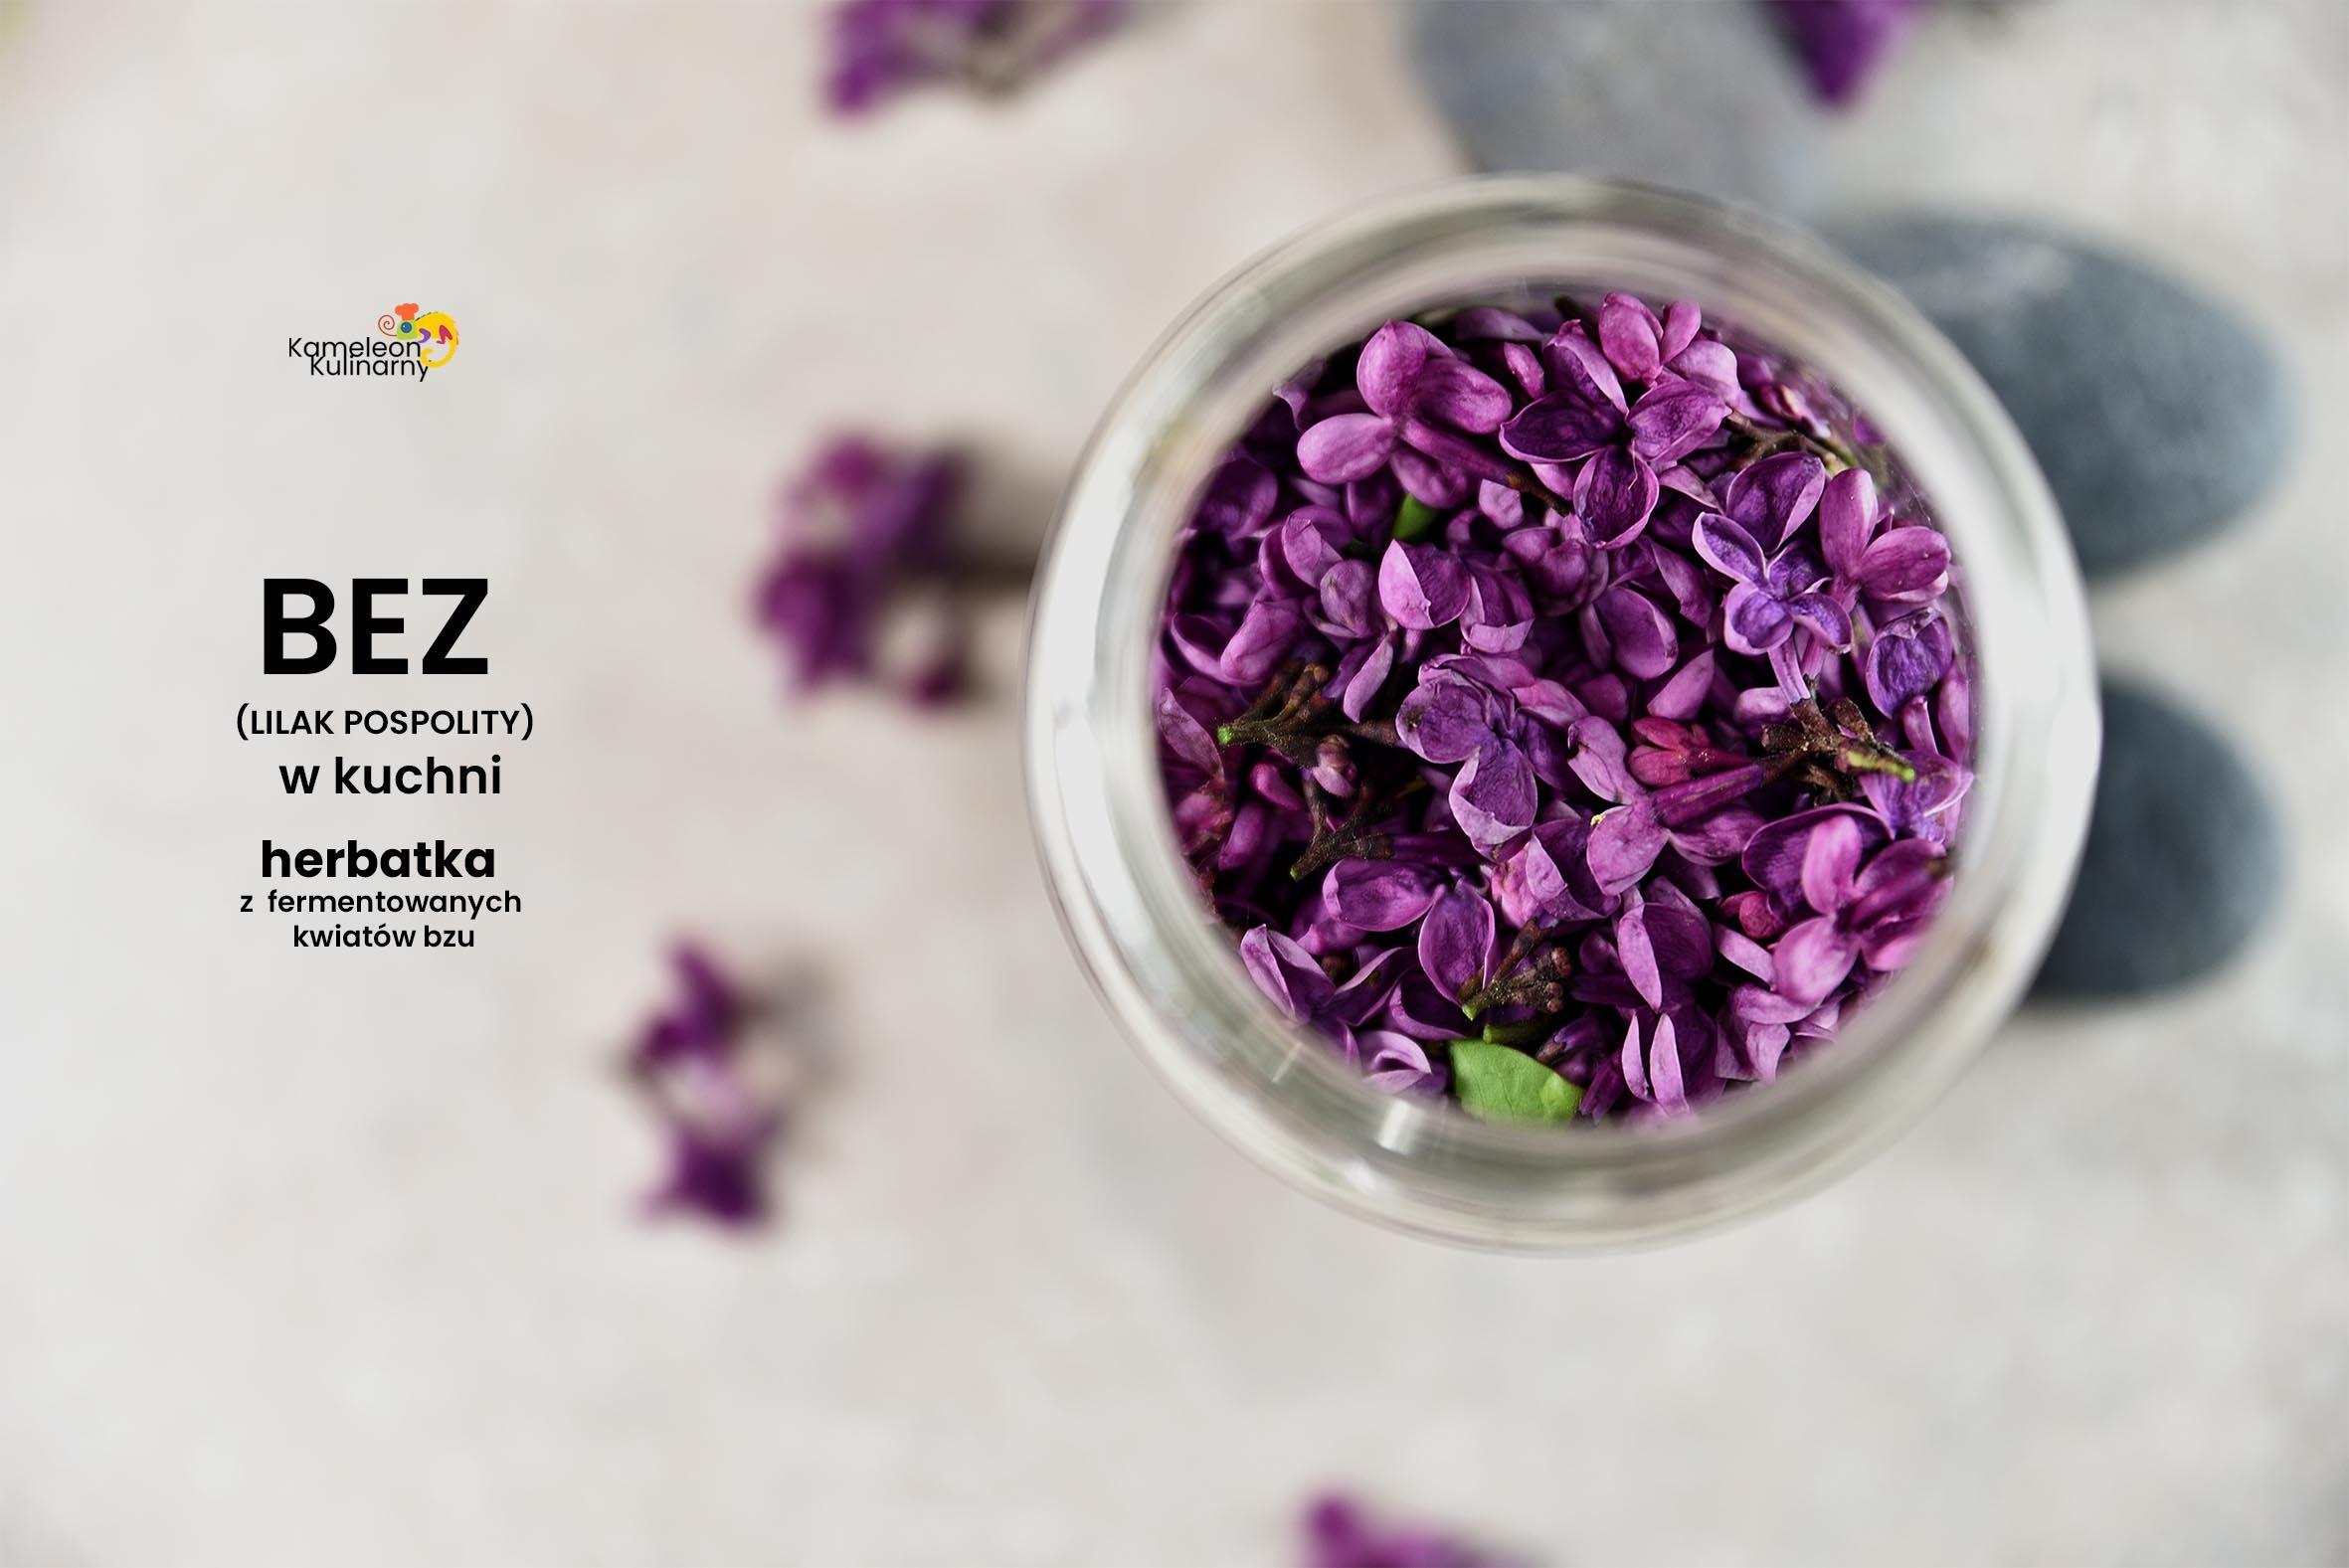 Bez W Kuchni I Herbatka Z Suszonych I Fermentowanych Kwiatow Bzu Syringa Vulgaris Lilac Syringa